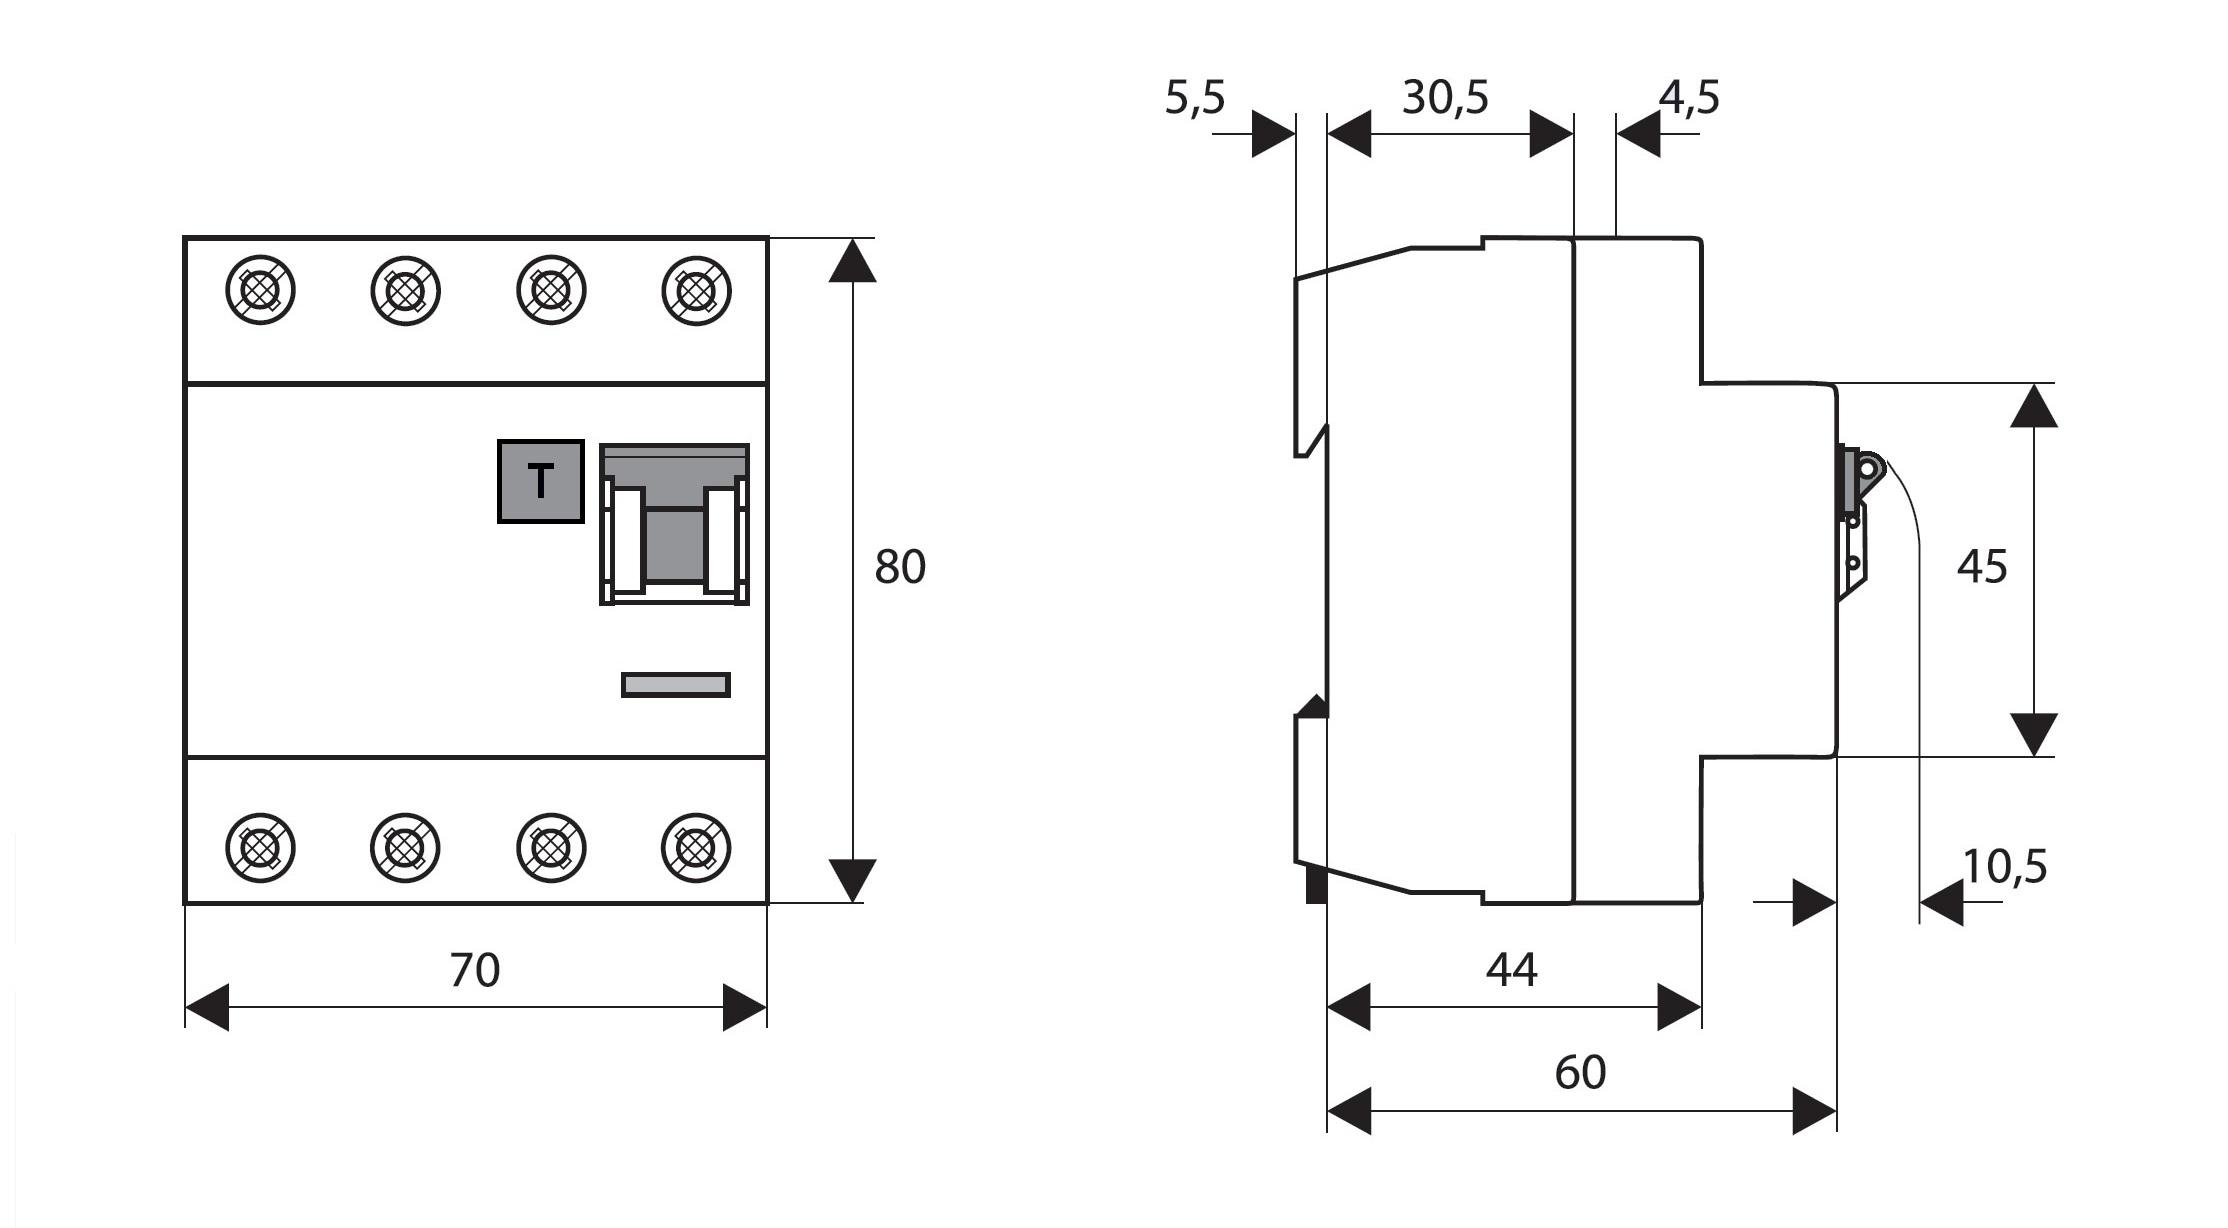 FI-Schalter, 40A, 4-polig, 30mA, vsf., Bauart G, Typ AC - Online ...